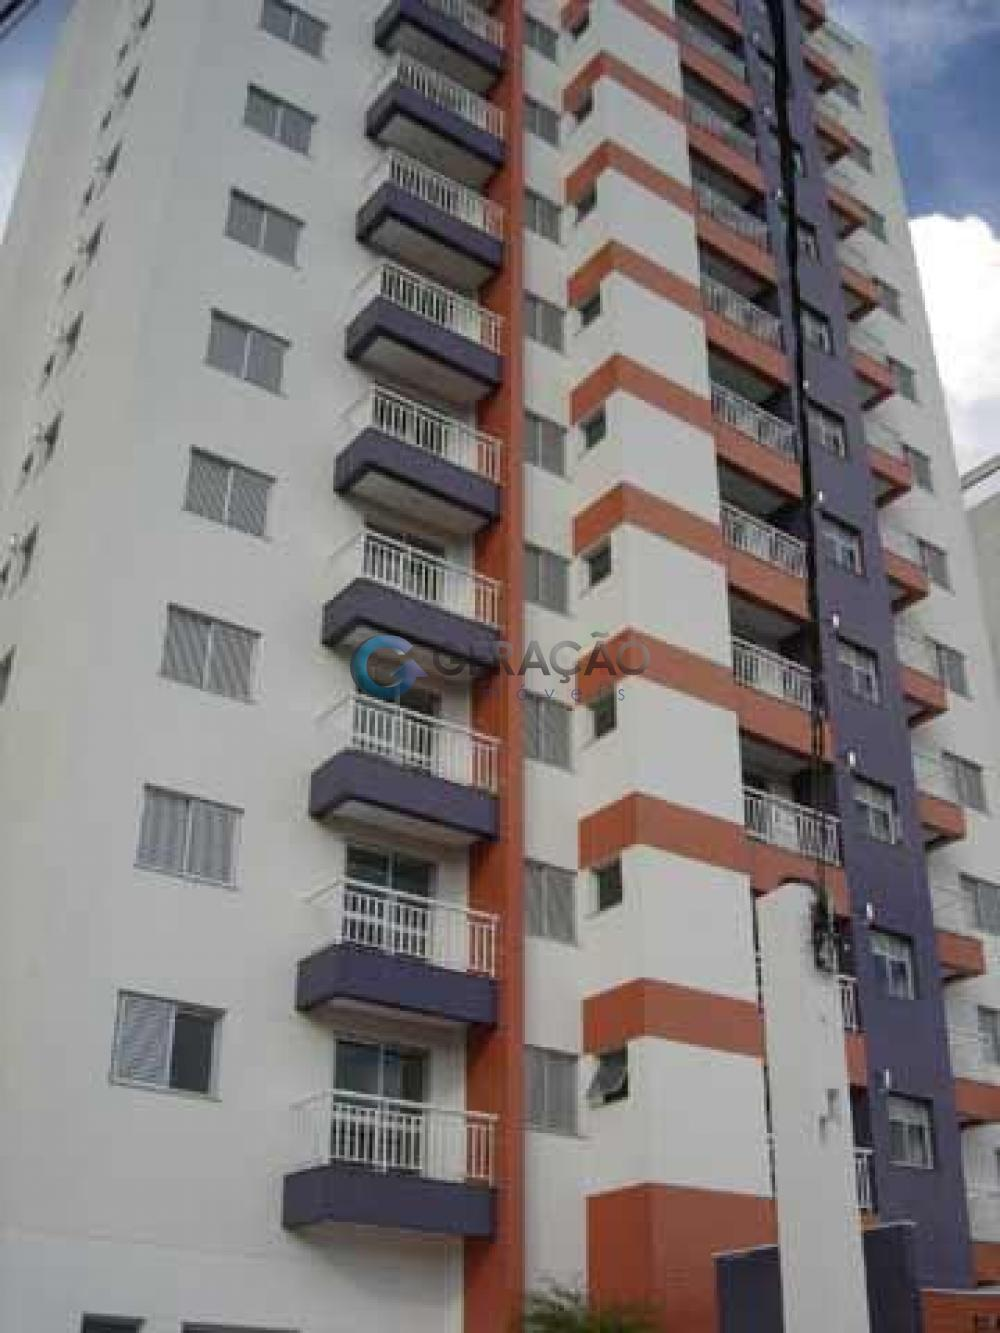 Comprar Apartamento / Padrão em São José dos Campos apenas R$ 275.000,00 - Foto 1